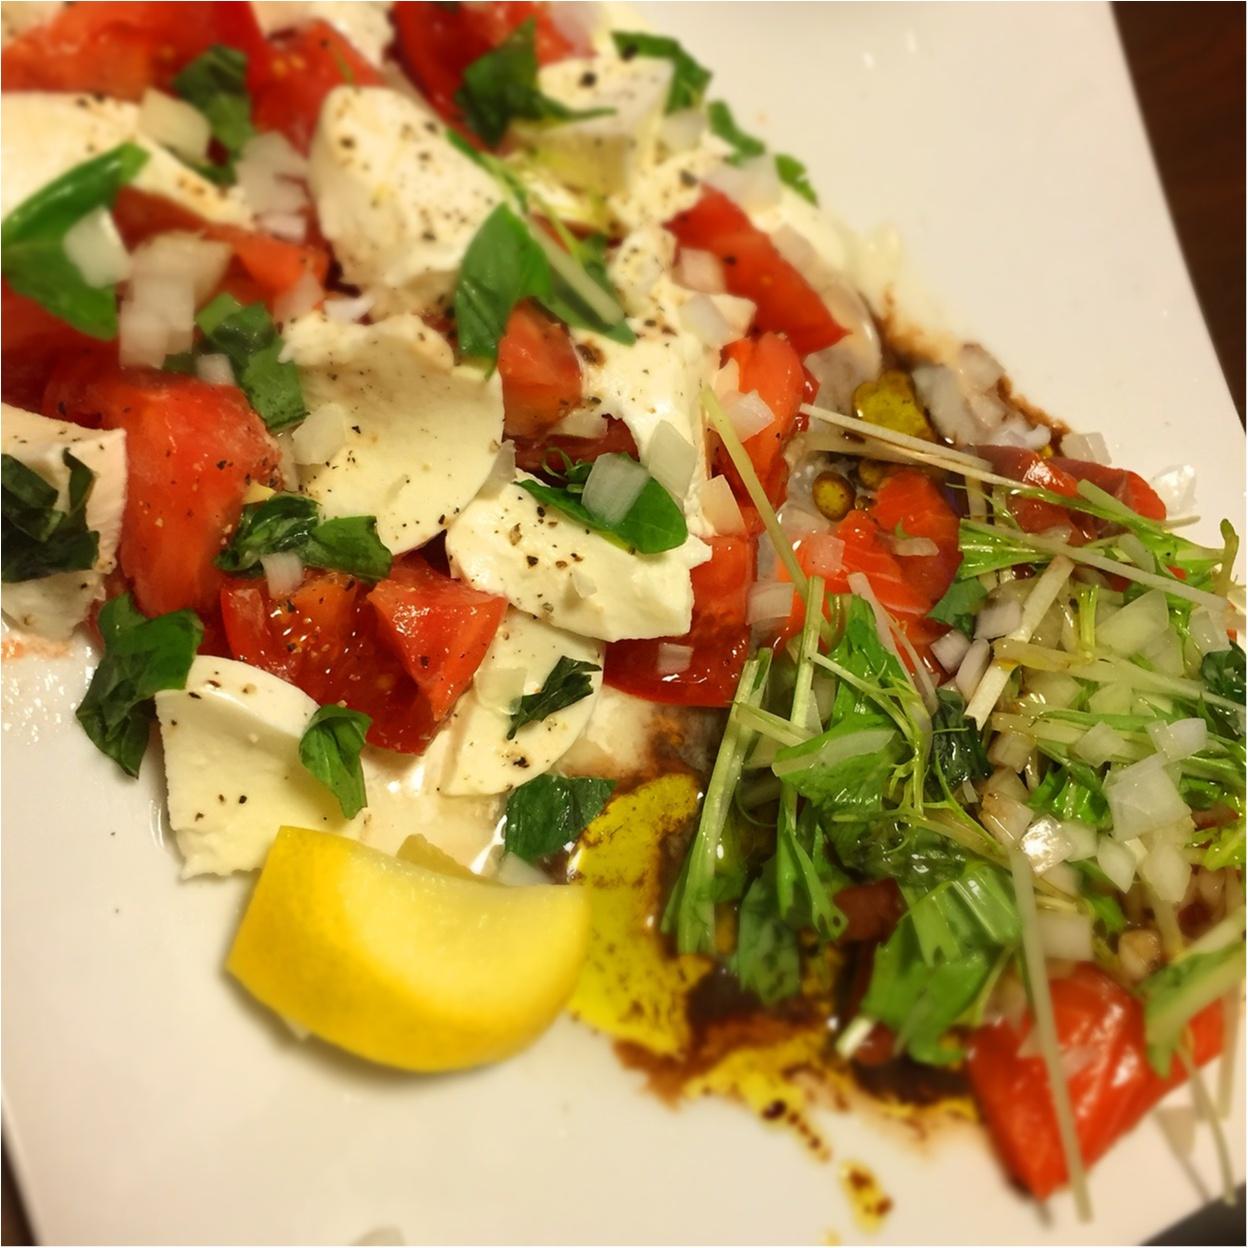 おうちで絶品イタリアン♡料理ができる男子はやっぱりモテるかもしれない...!!と思ったお話**_1